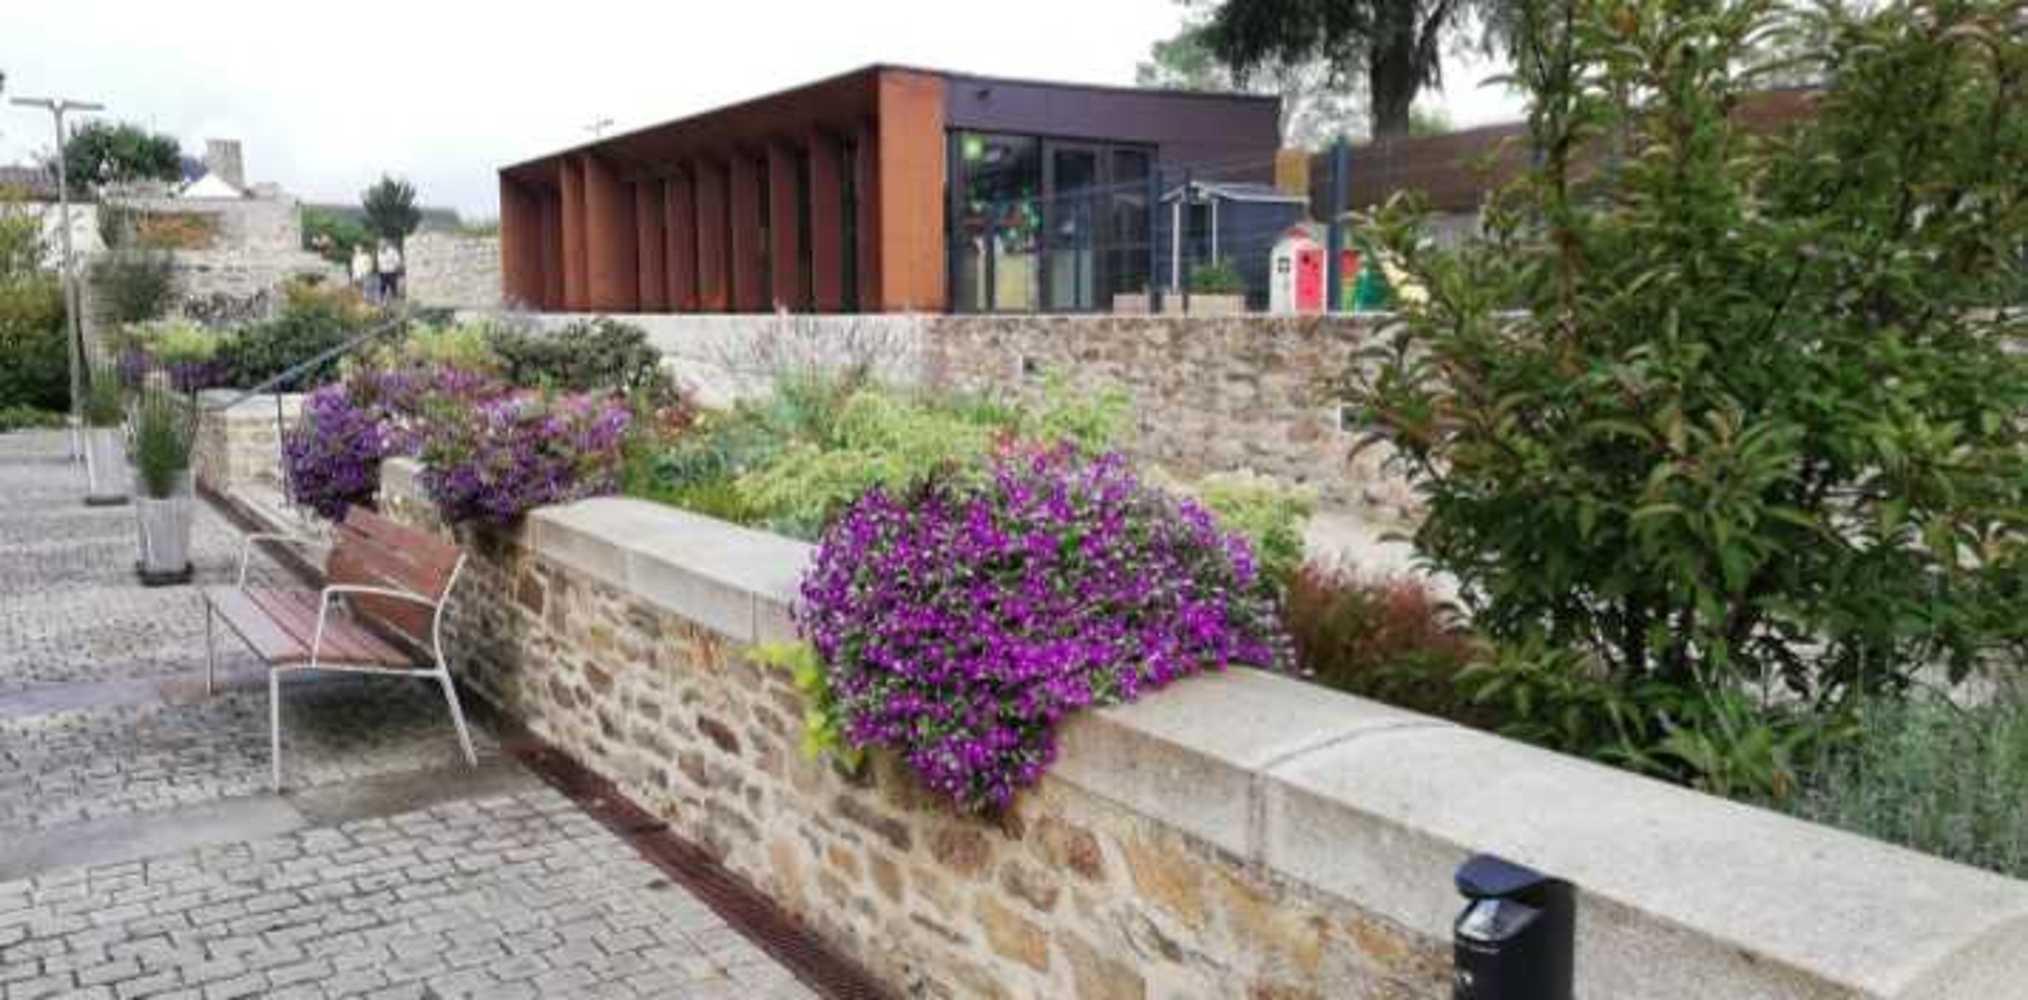 Concours régional villes et villages fleuris : Première Fleur pour Plouguenast-Langast image5